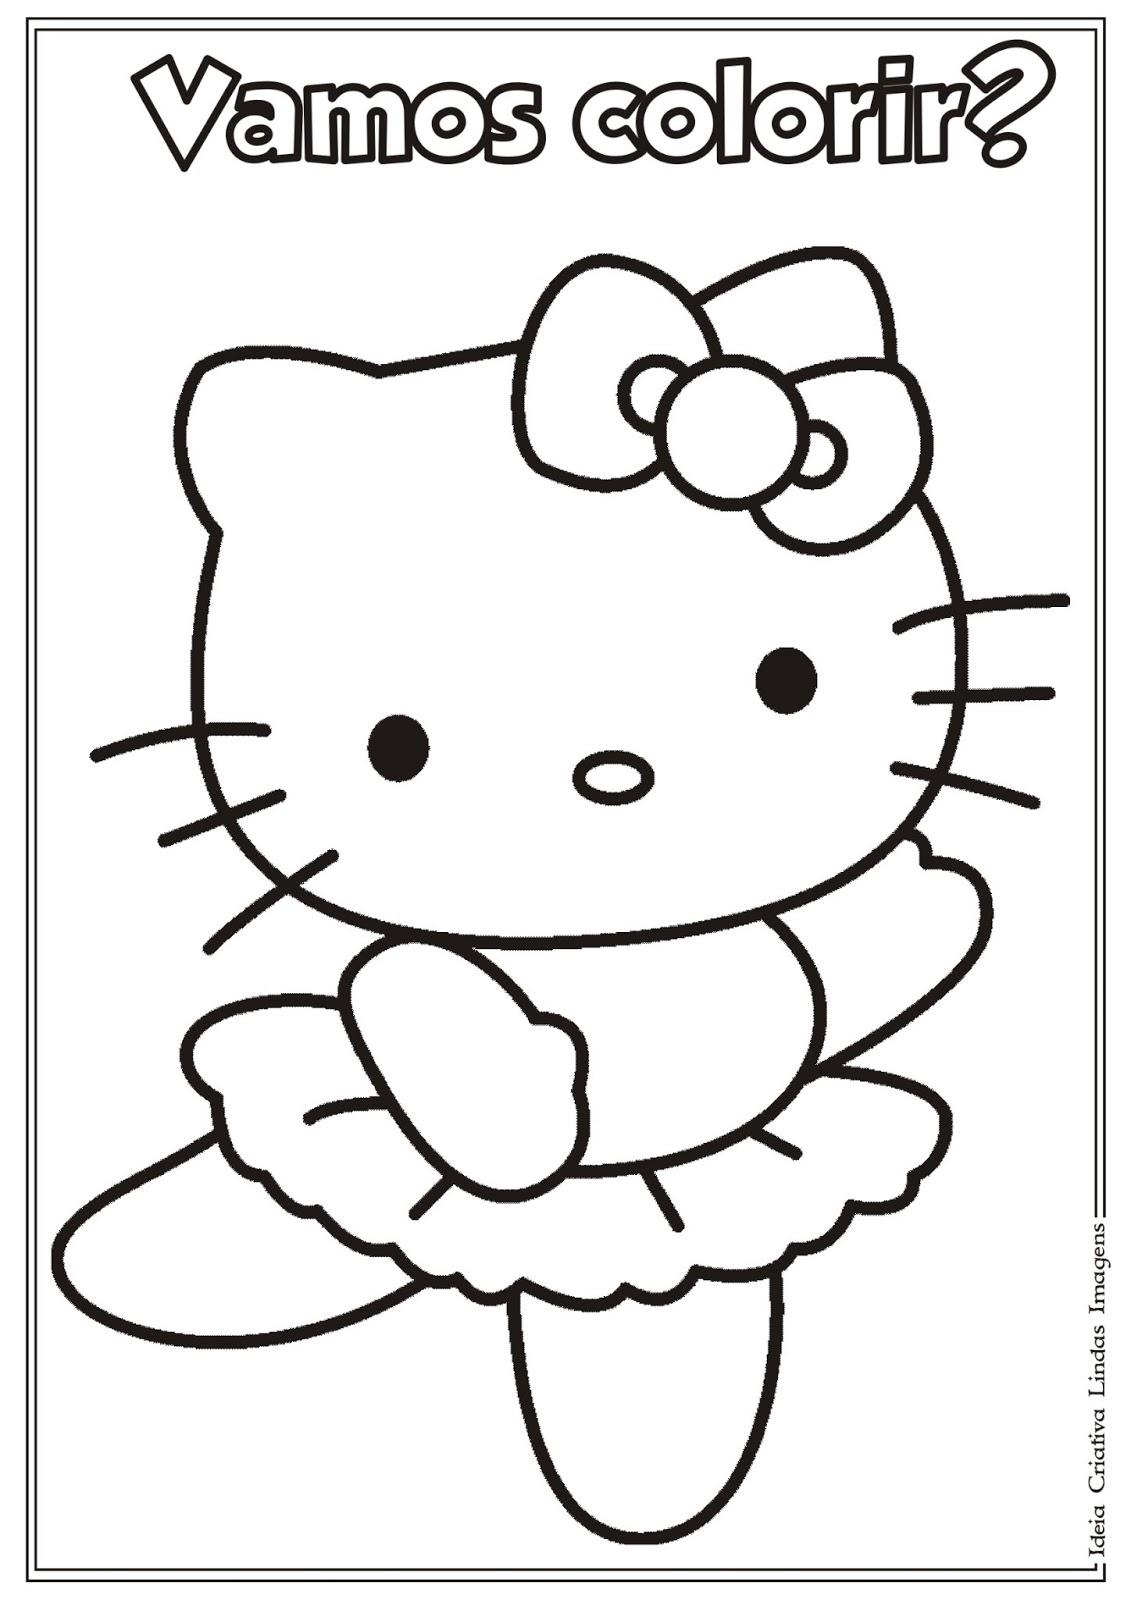 desenho-da-hello-kitty-para-colorir-ideia-criativa-lindas-imagens2.jpg